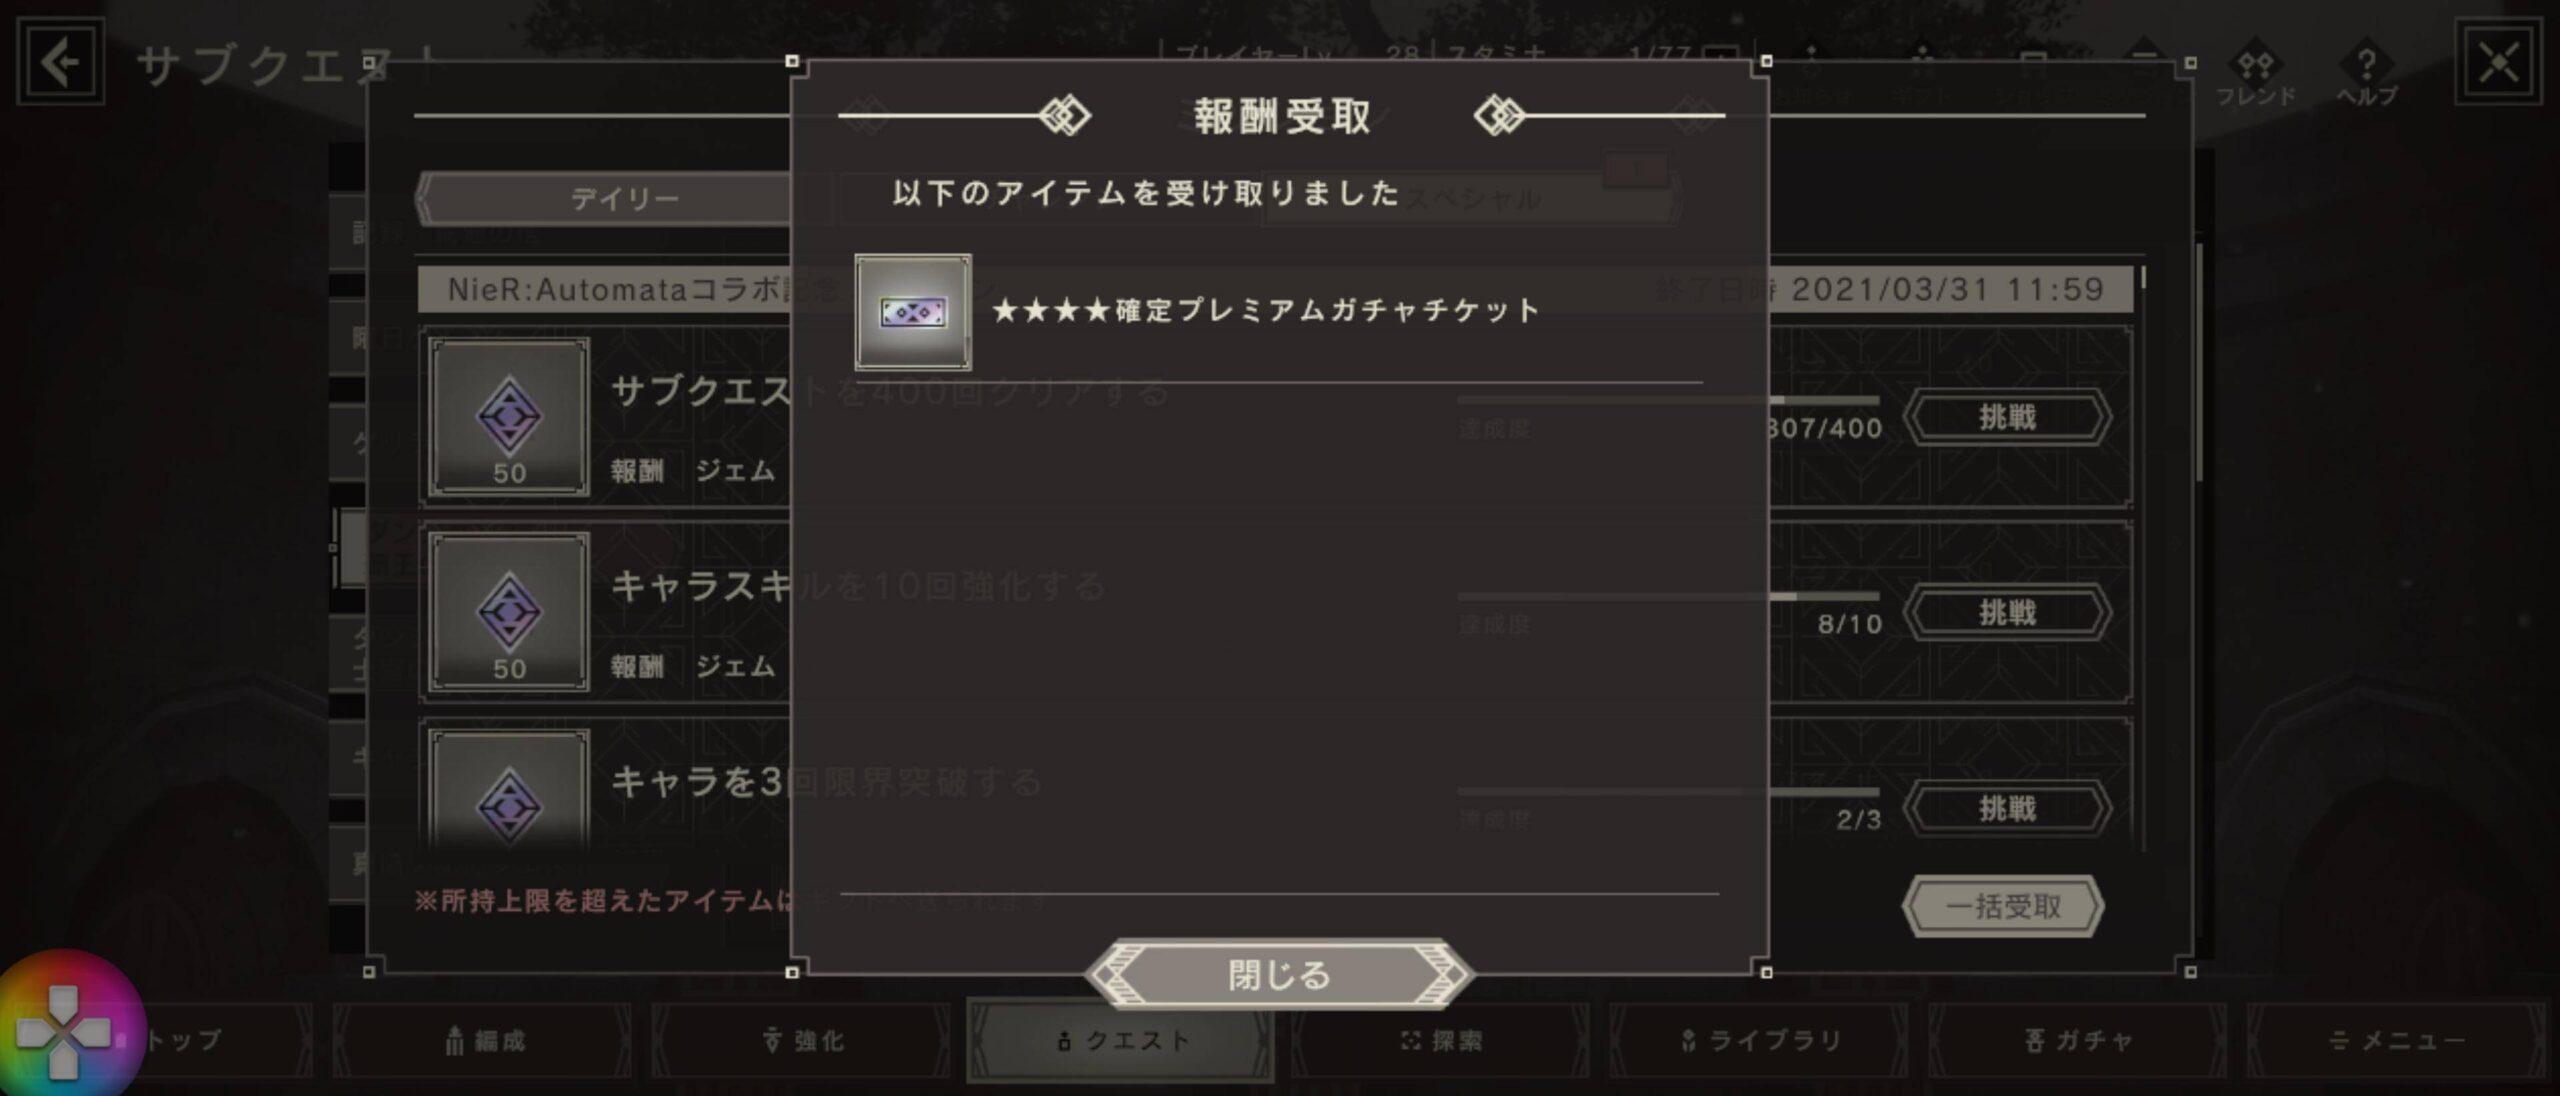 【リィンカネ】ワクワクしながら星4確定ガチャ引いた結果www